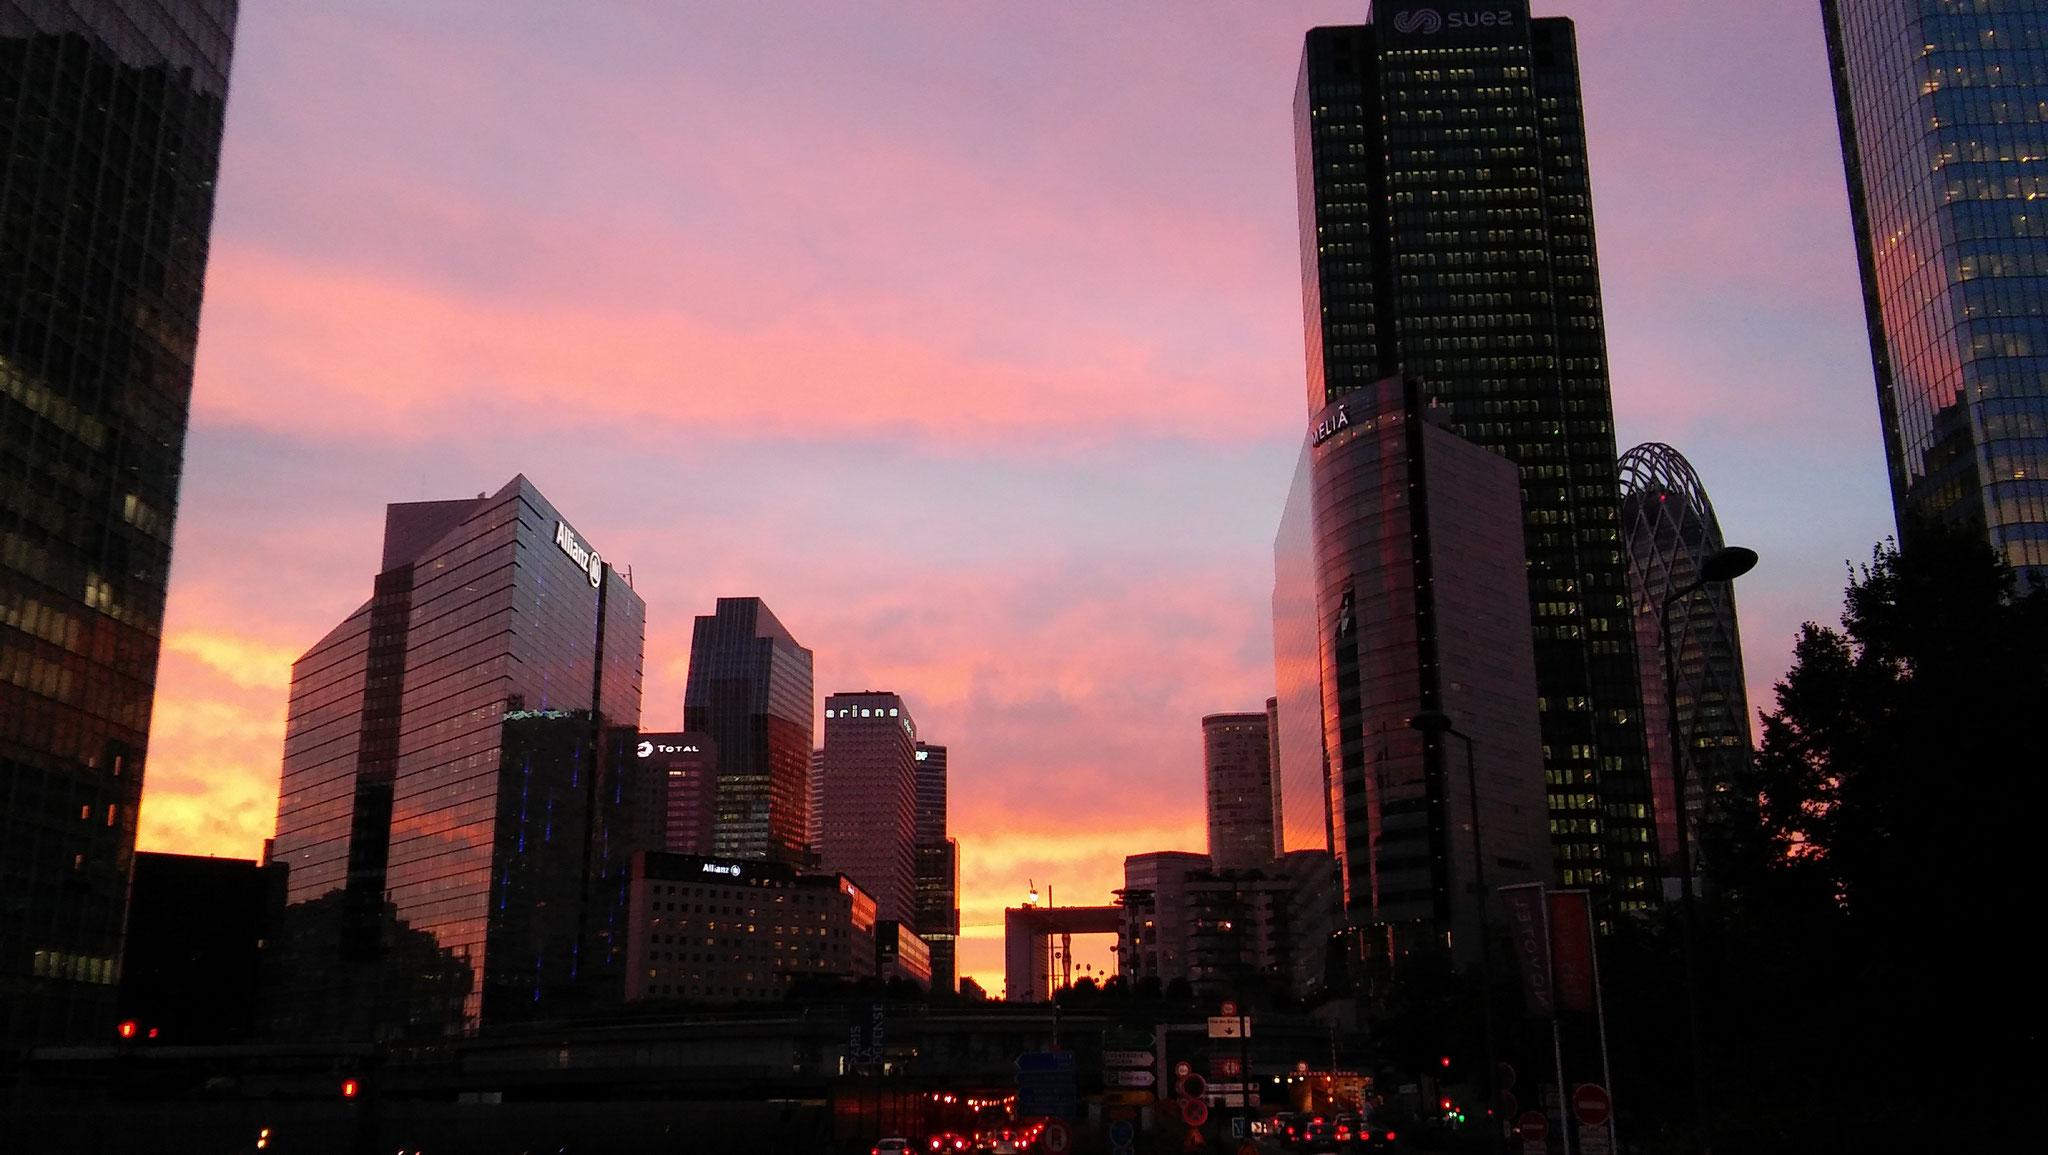 La Défense, ses échangeurs routiers, ses rues labyrinthiques, l'enfer du coursier. Excepté pour les couchers de soleil